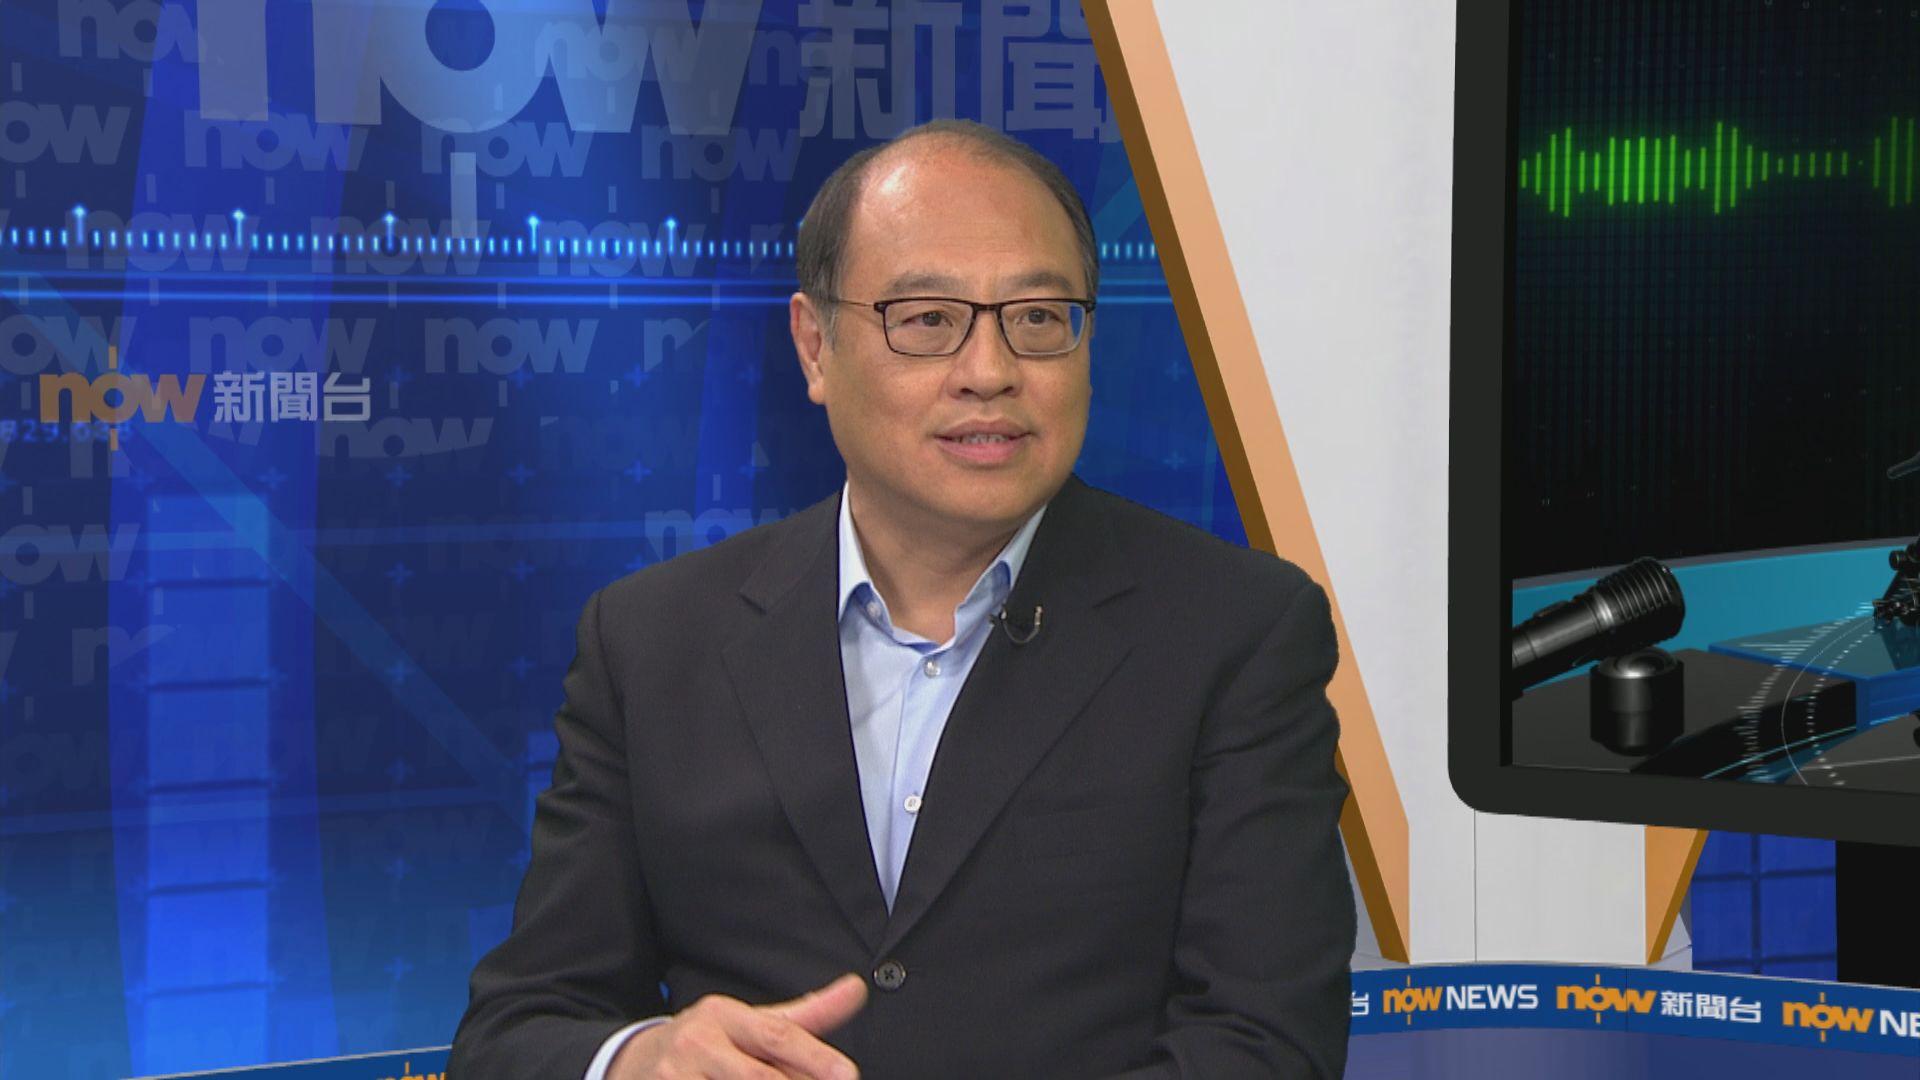 林大輝:理大被佔時與警保聯絡 同意和平止暴制亂